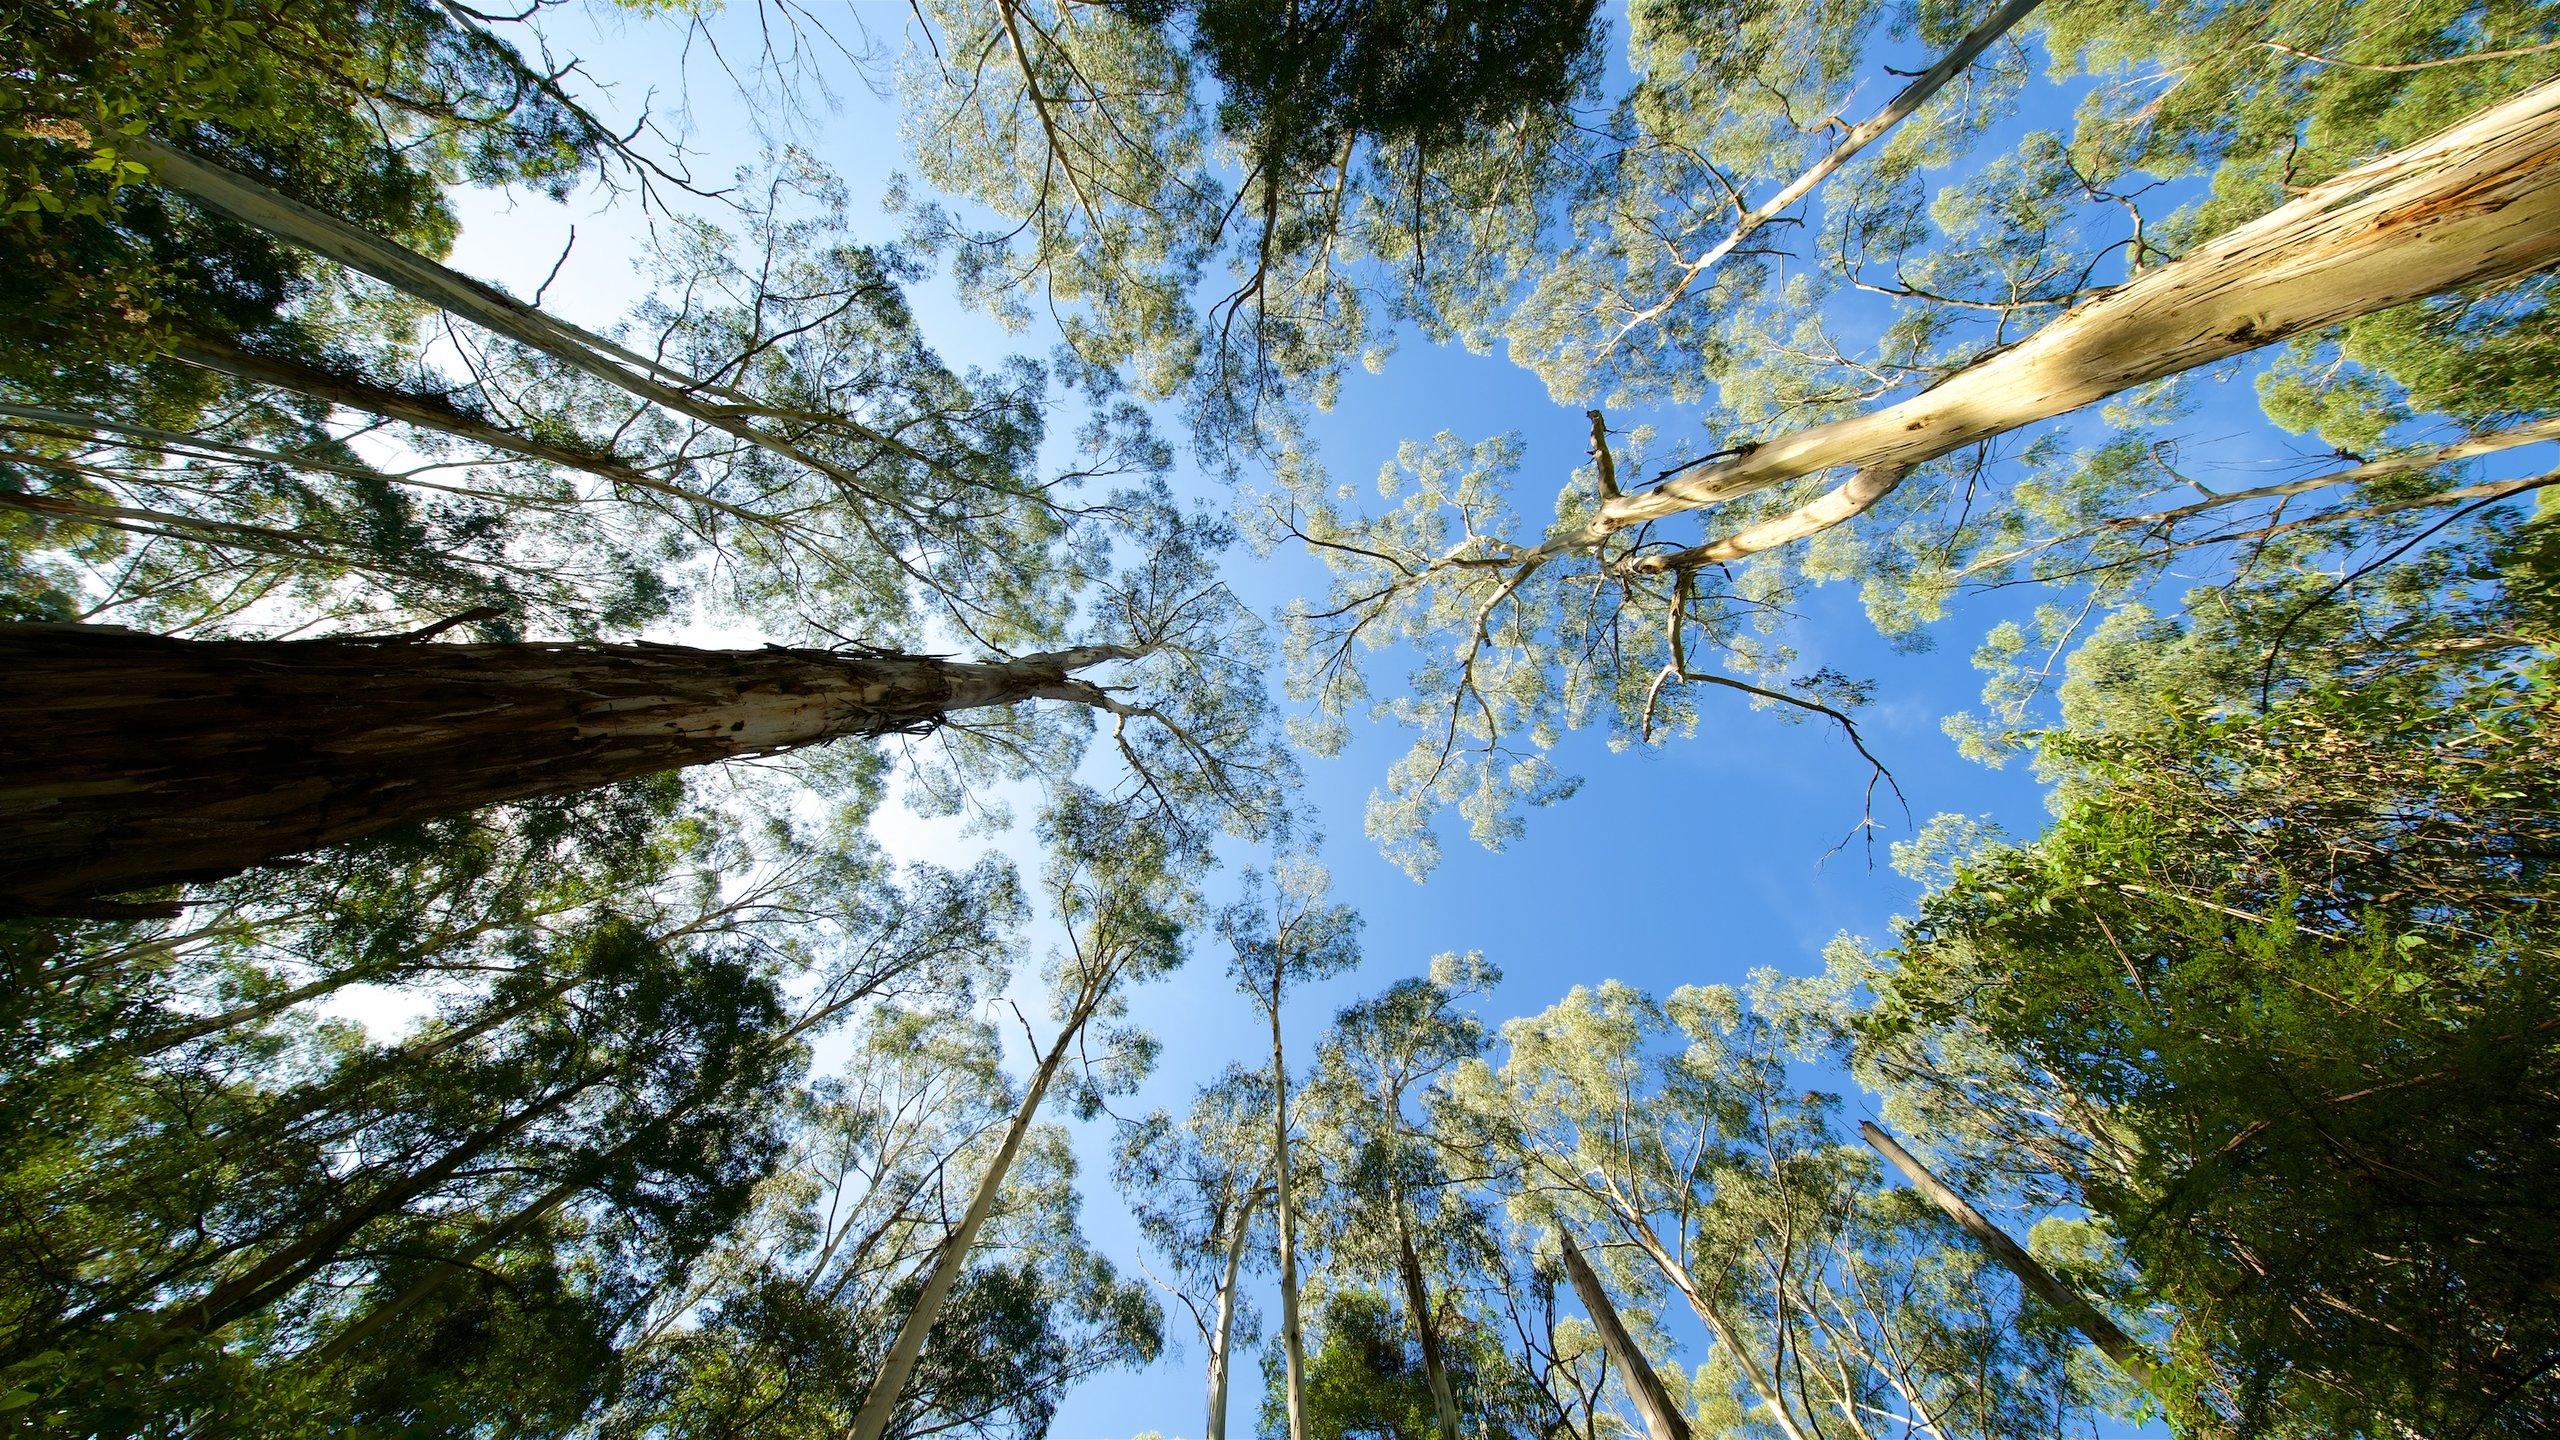 Dandenong Ranges National Park, Melbourne, Victoria, Australië